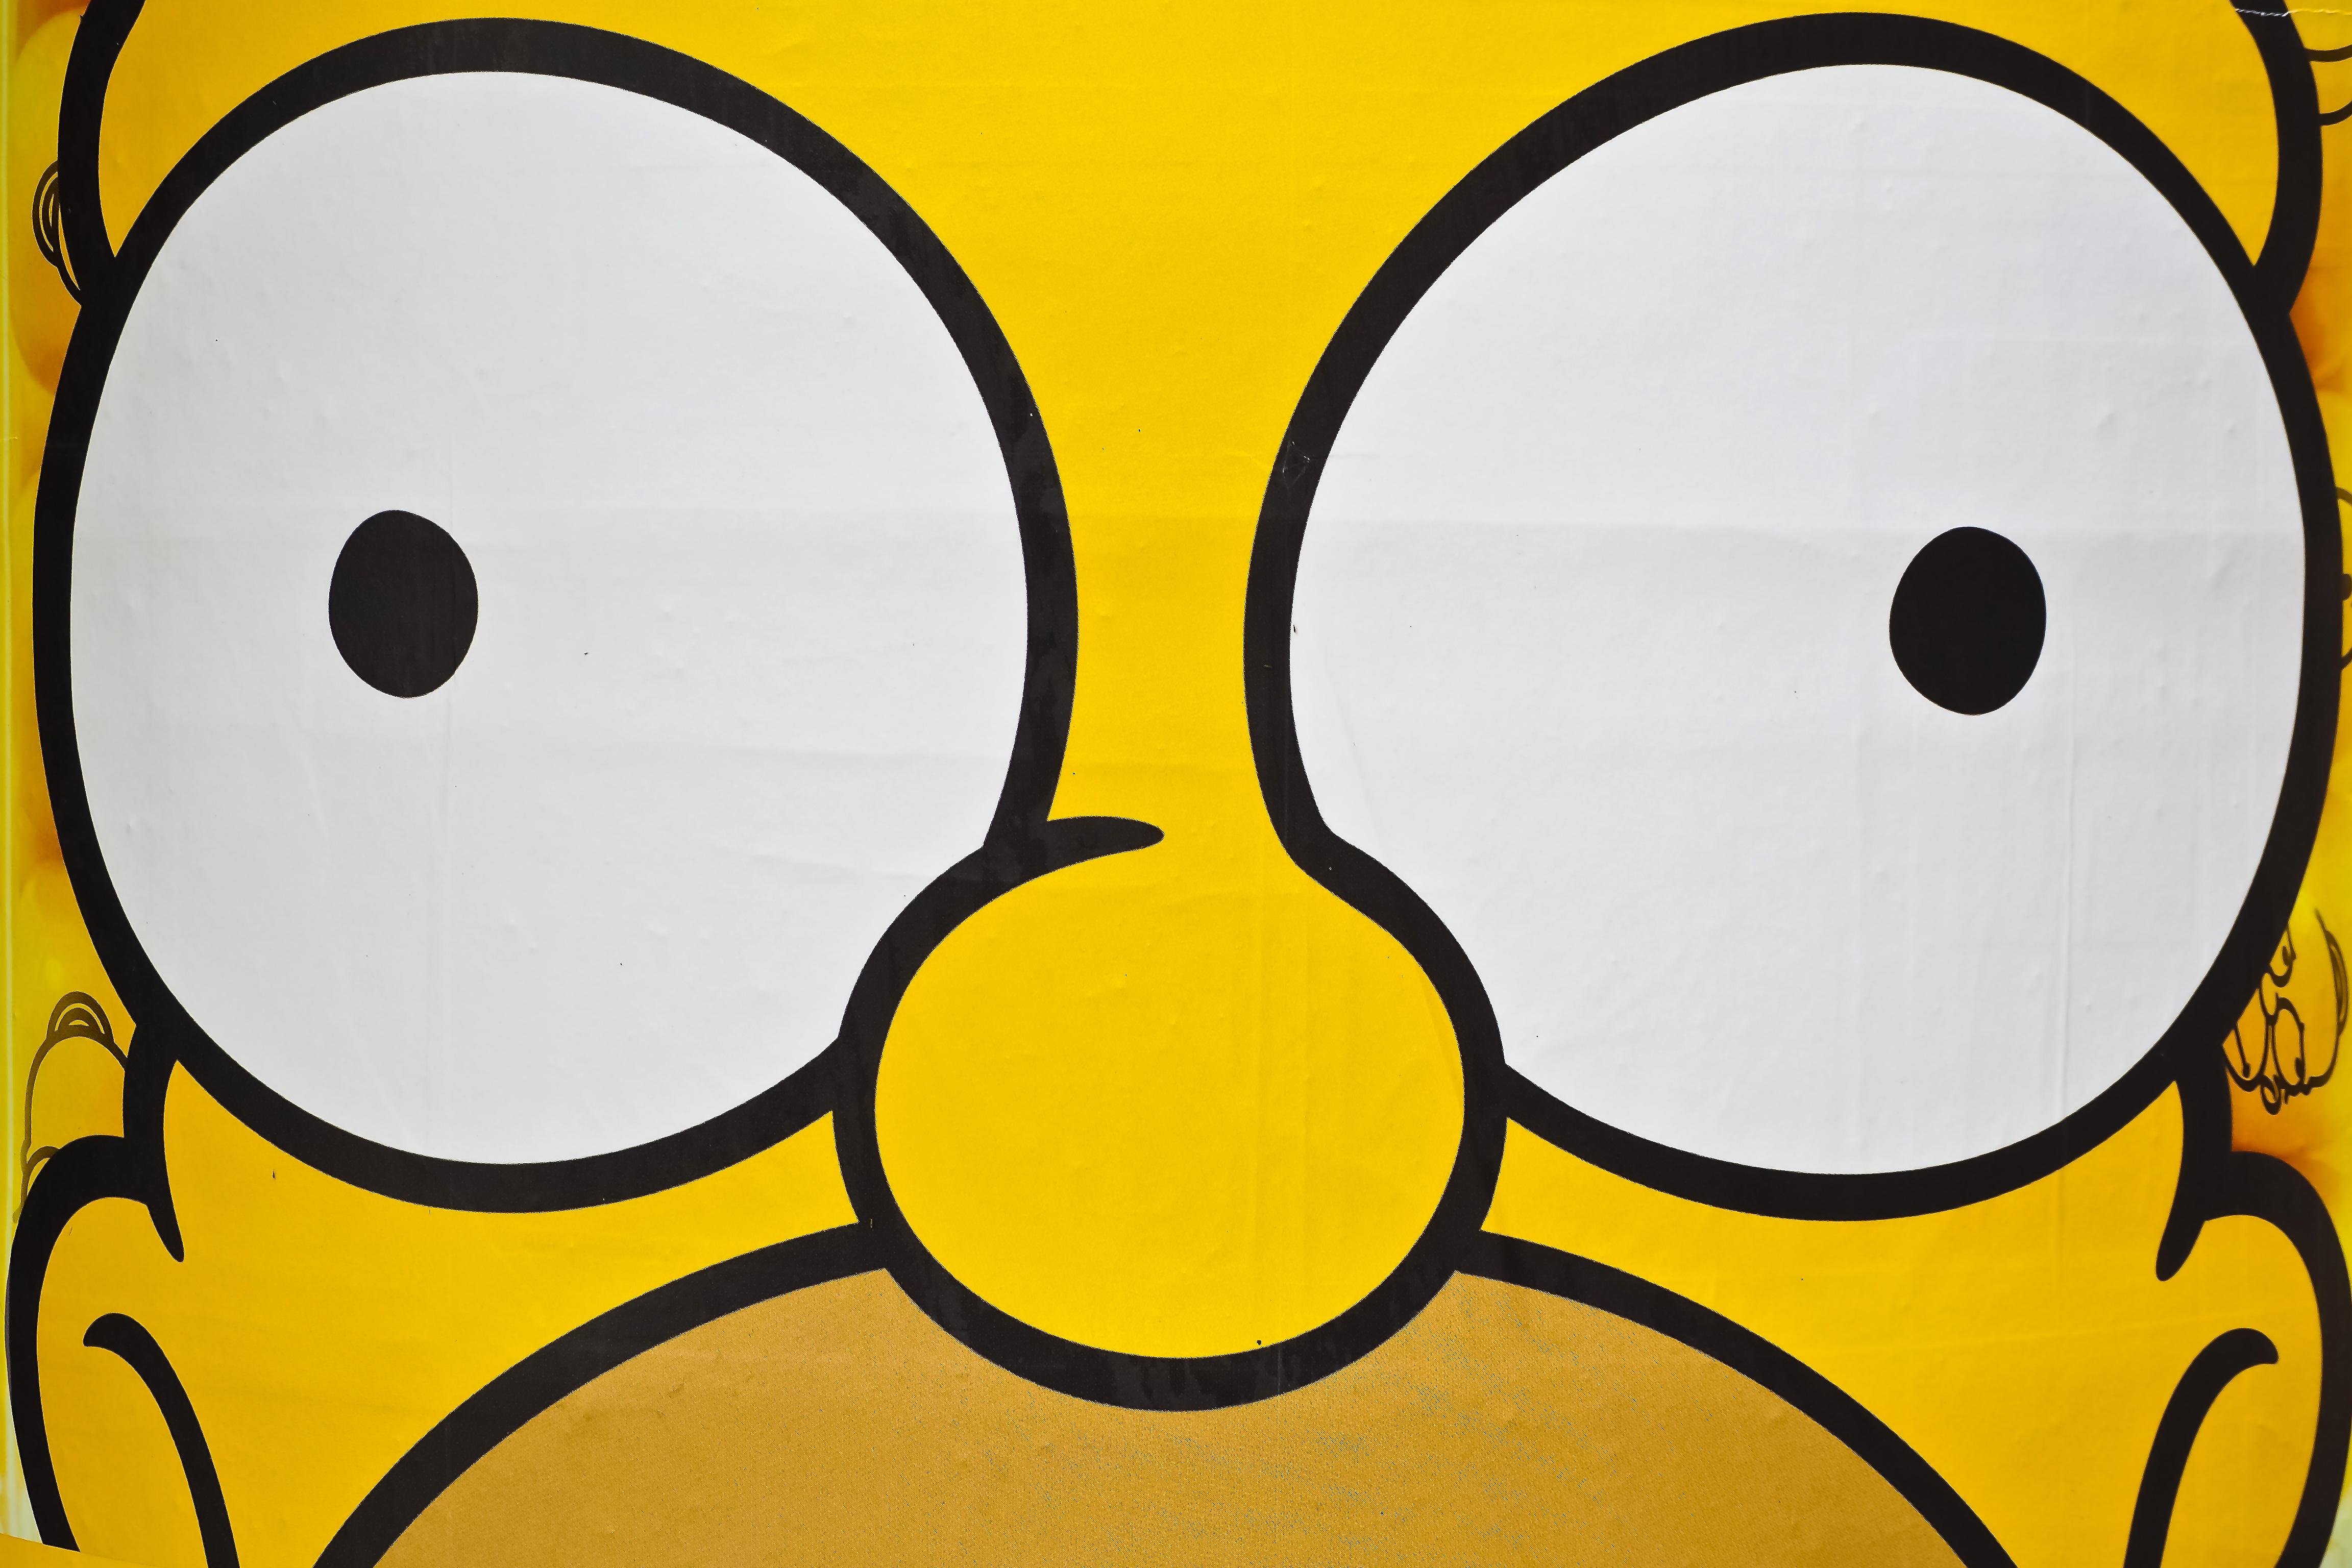 94+ Gambar Kartun Warna Kuning HD